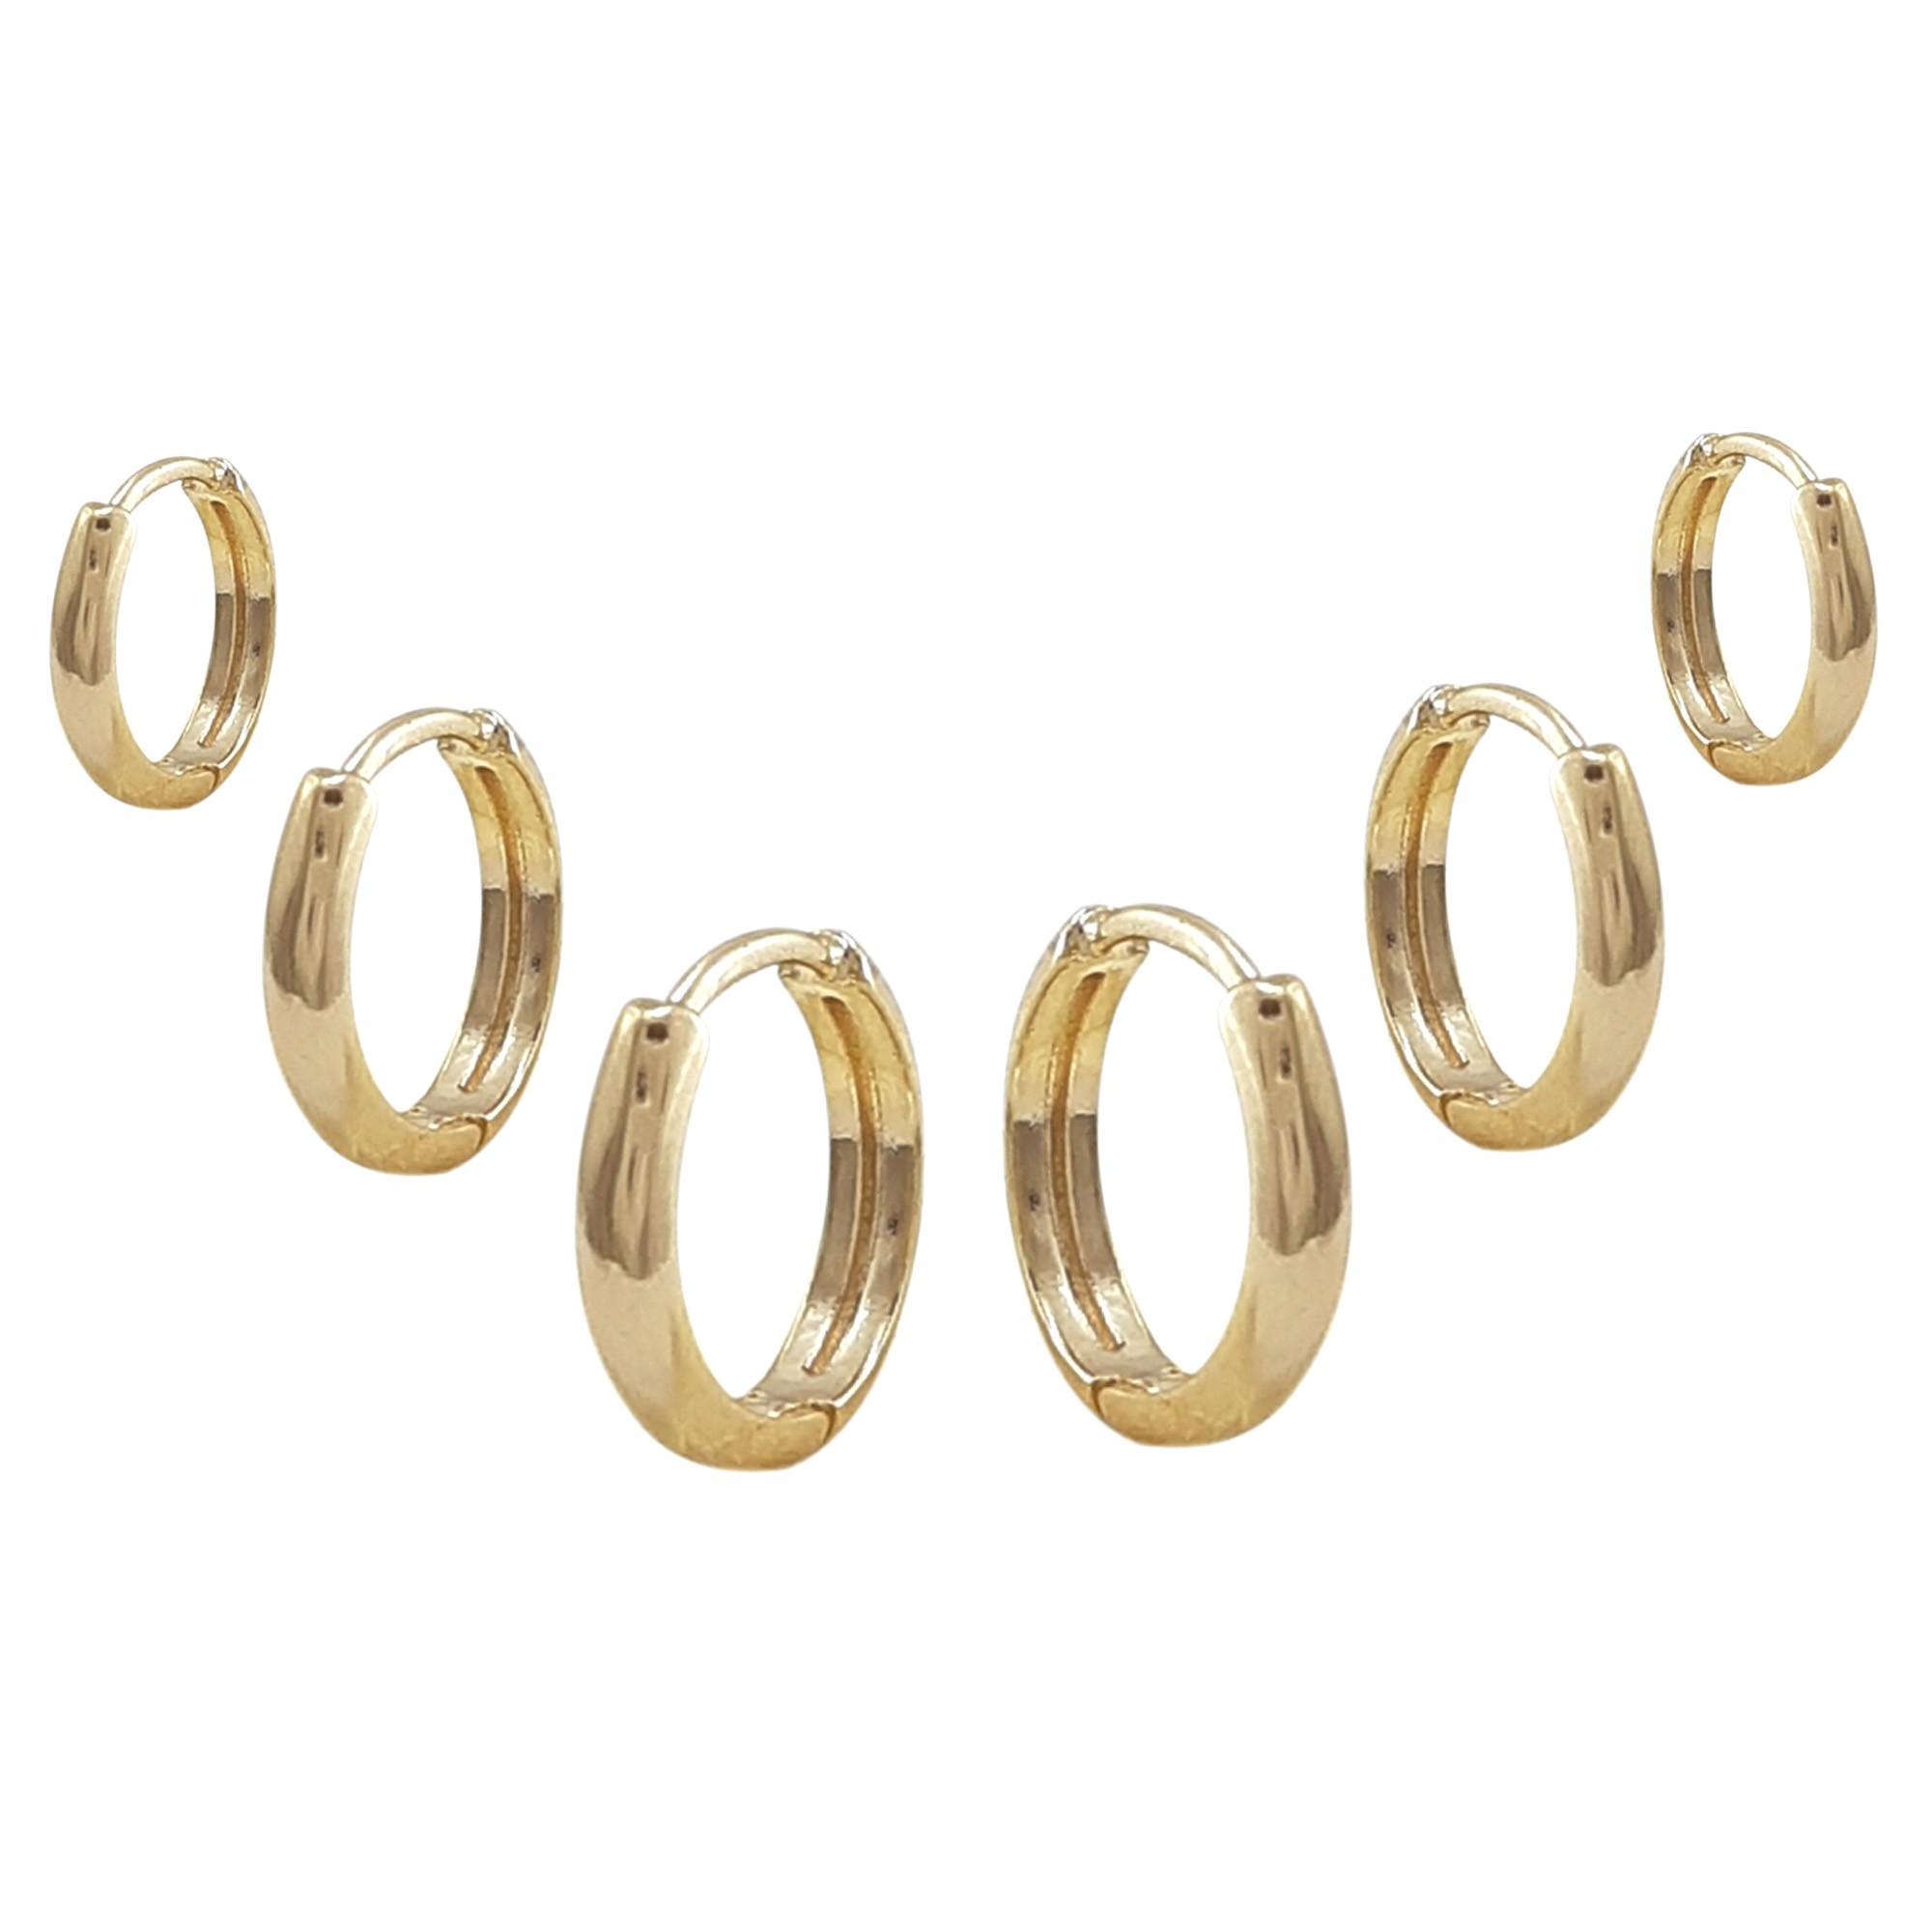 Kit brincos argolinhas lisas banho a ouro 18k e ródio branco